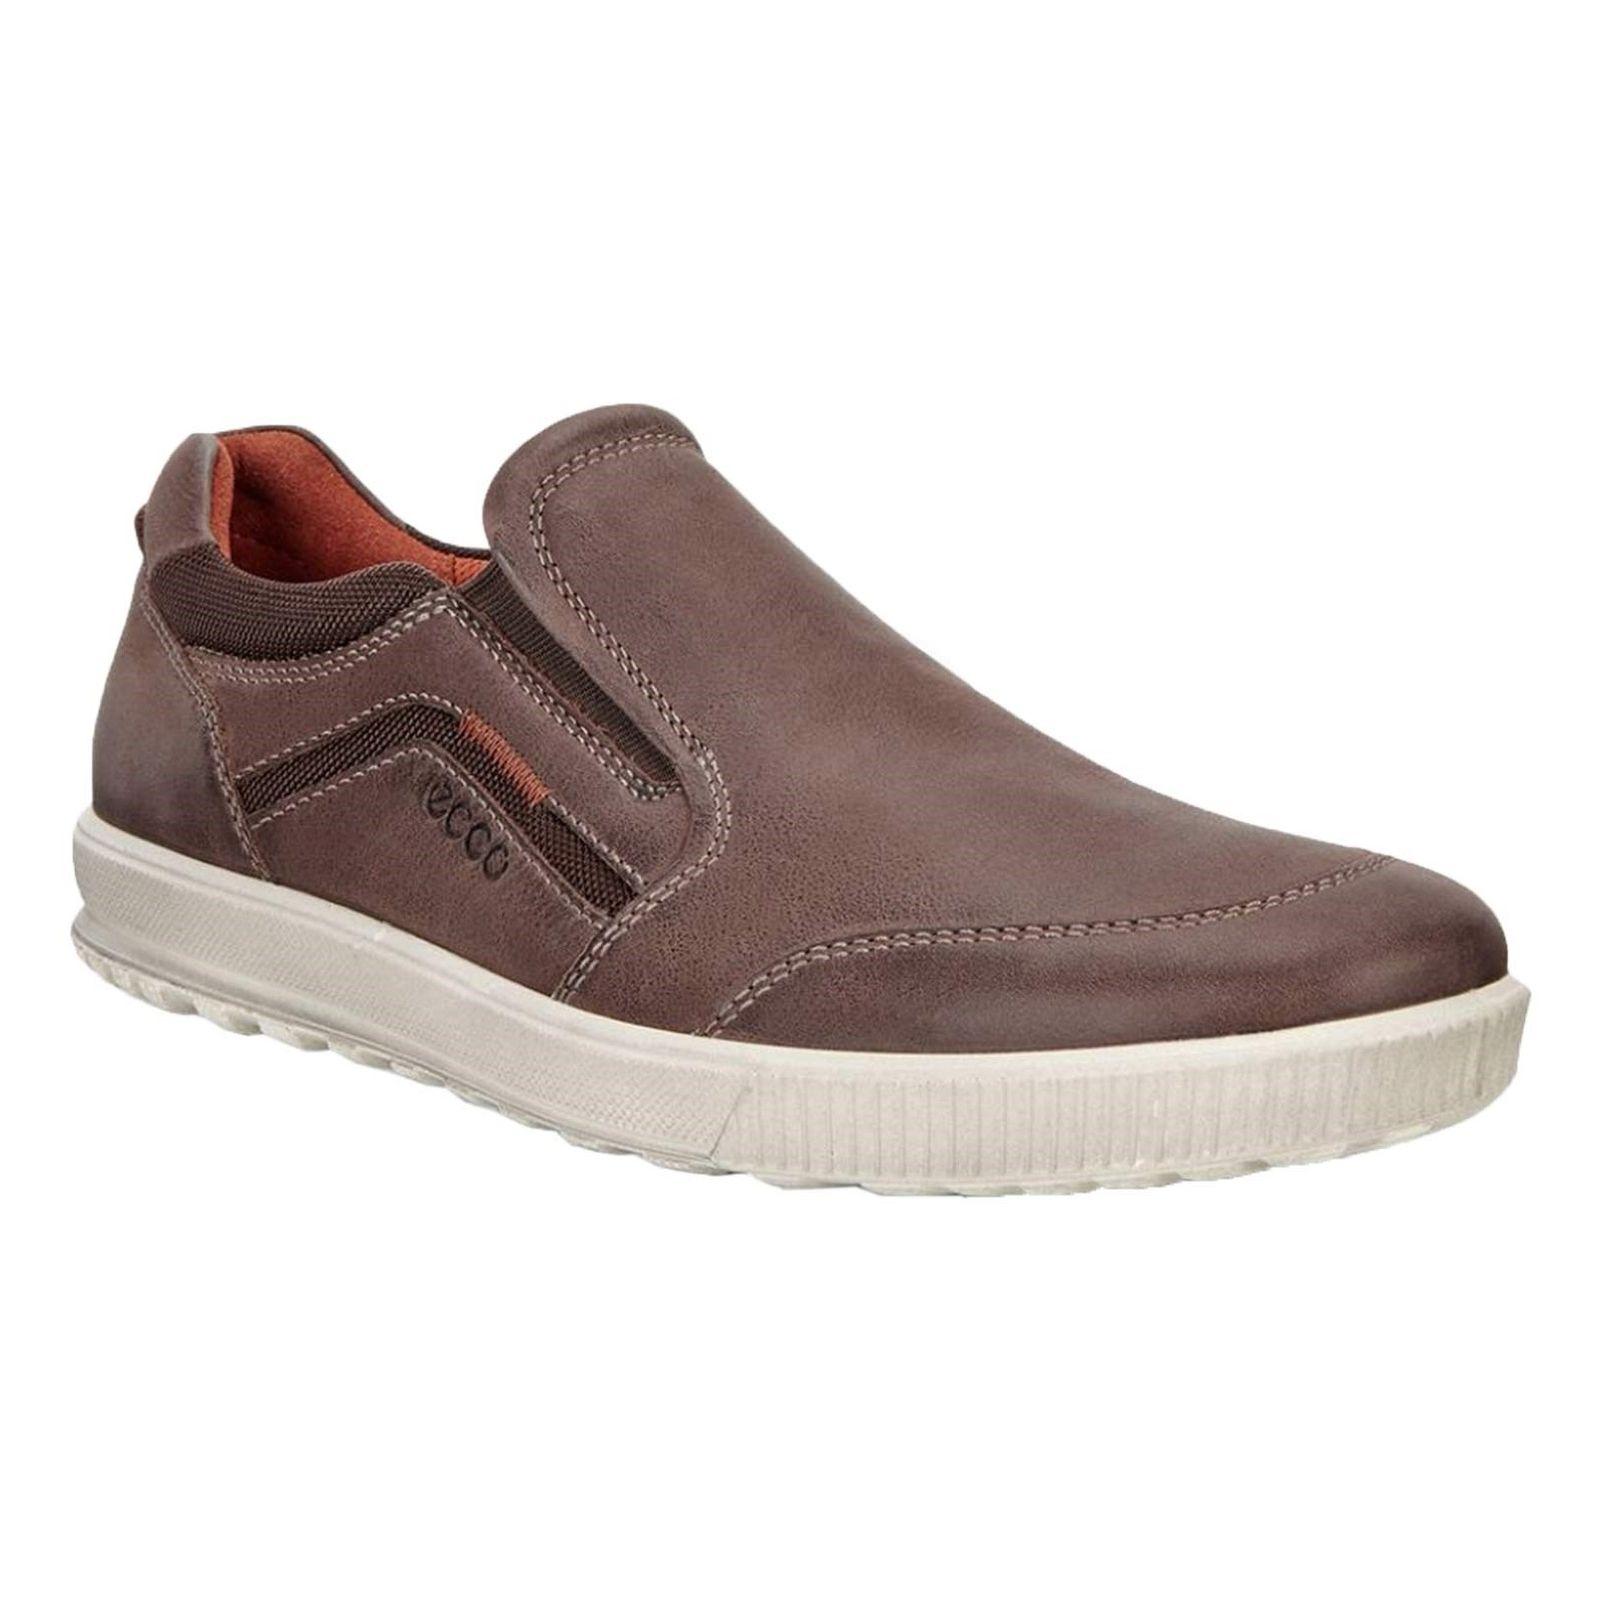 کفش راحتی مردانه Ennio - اکو - قهوه اي  - 1